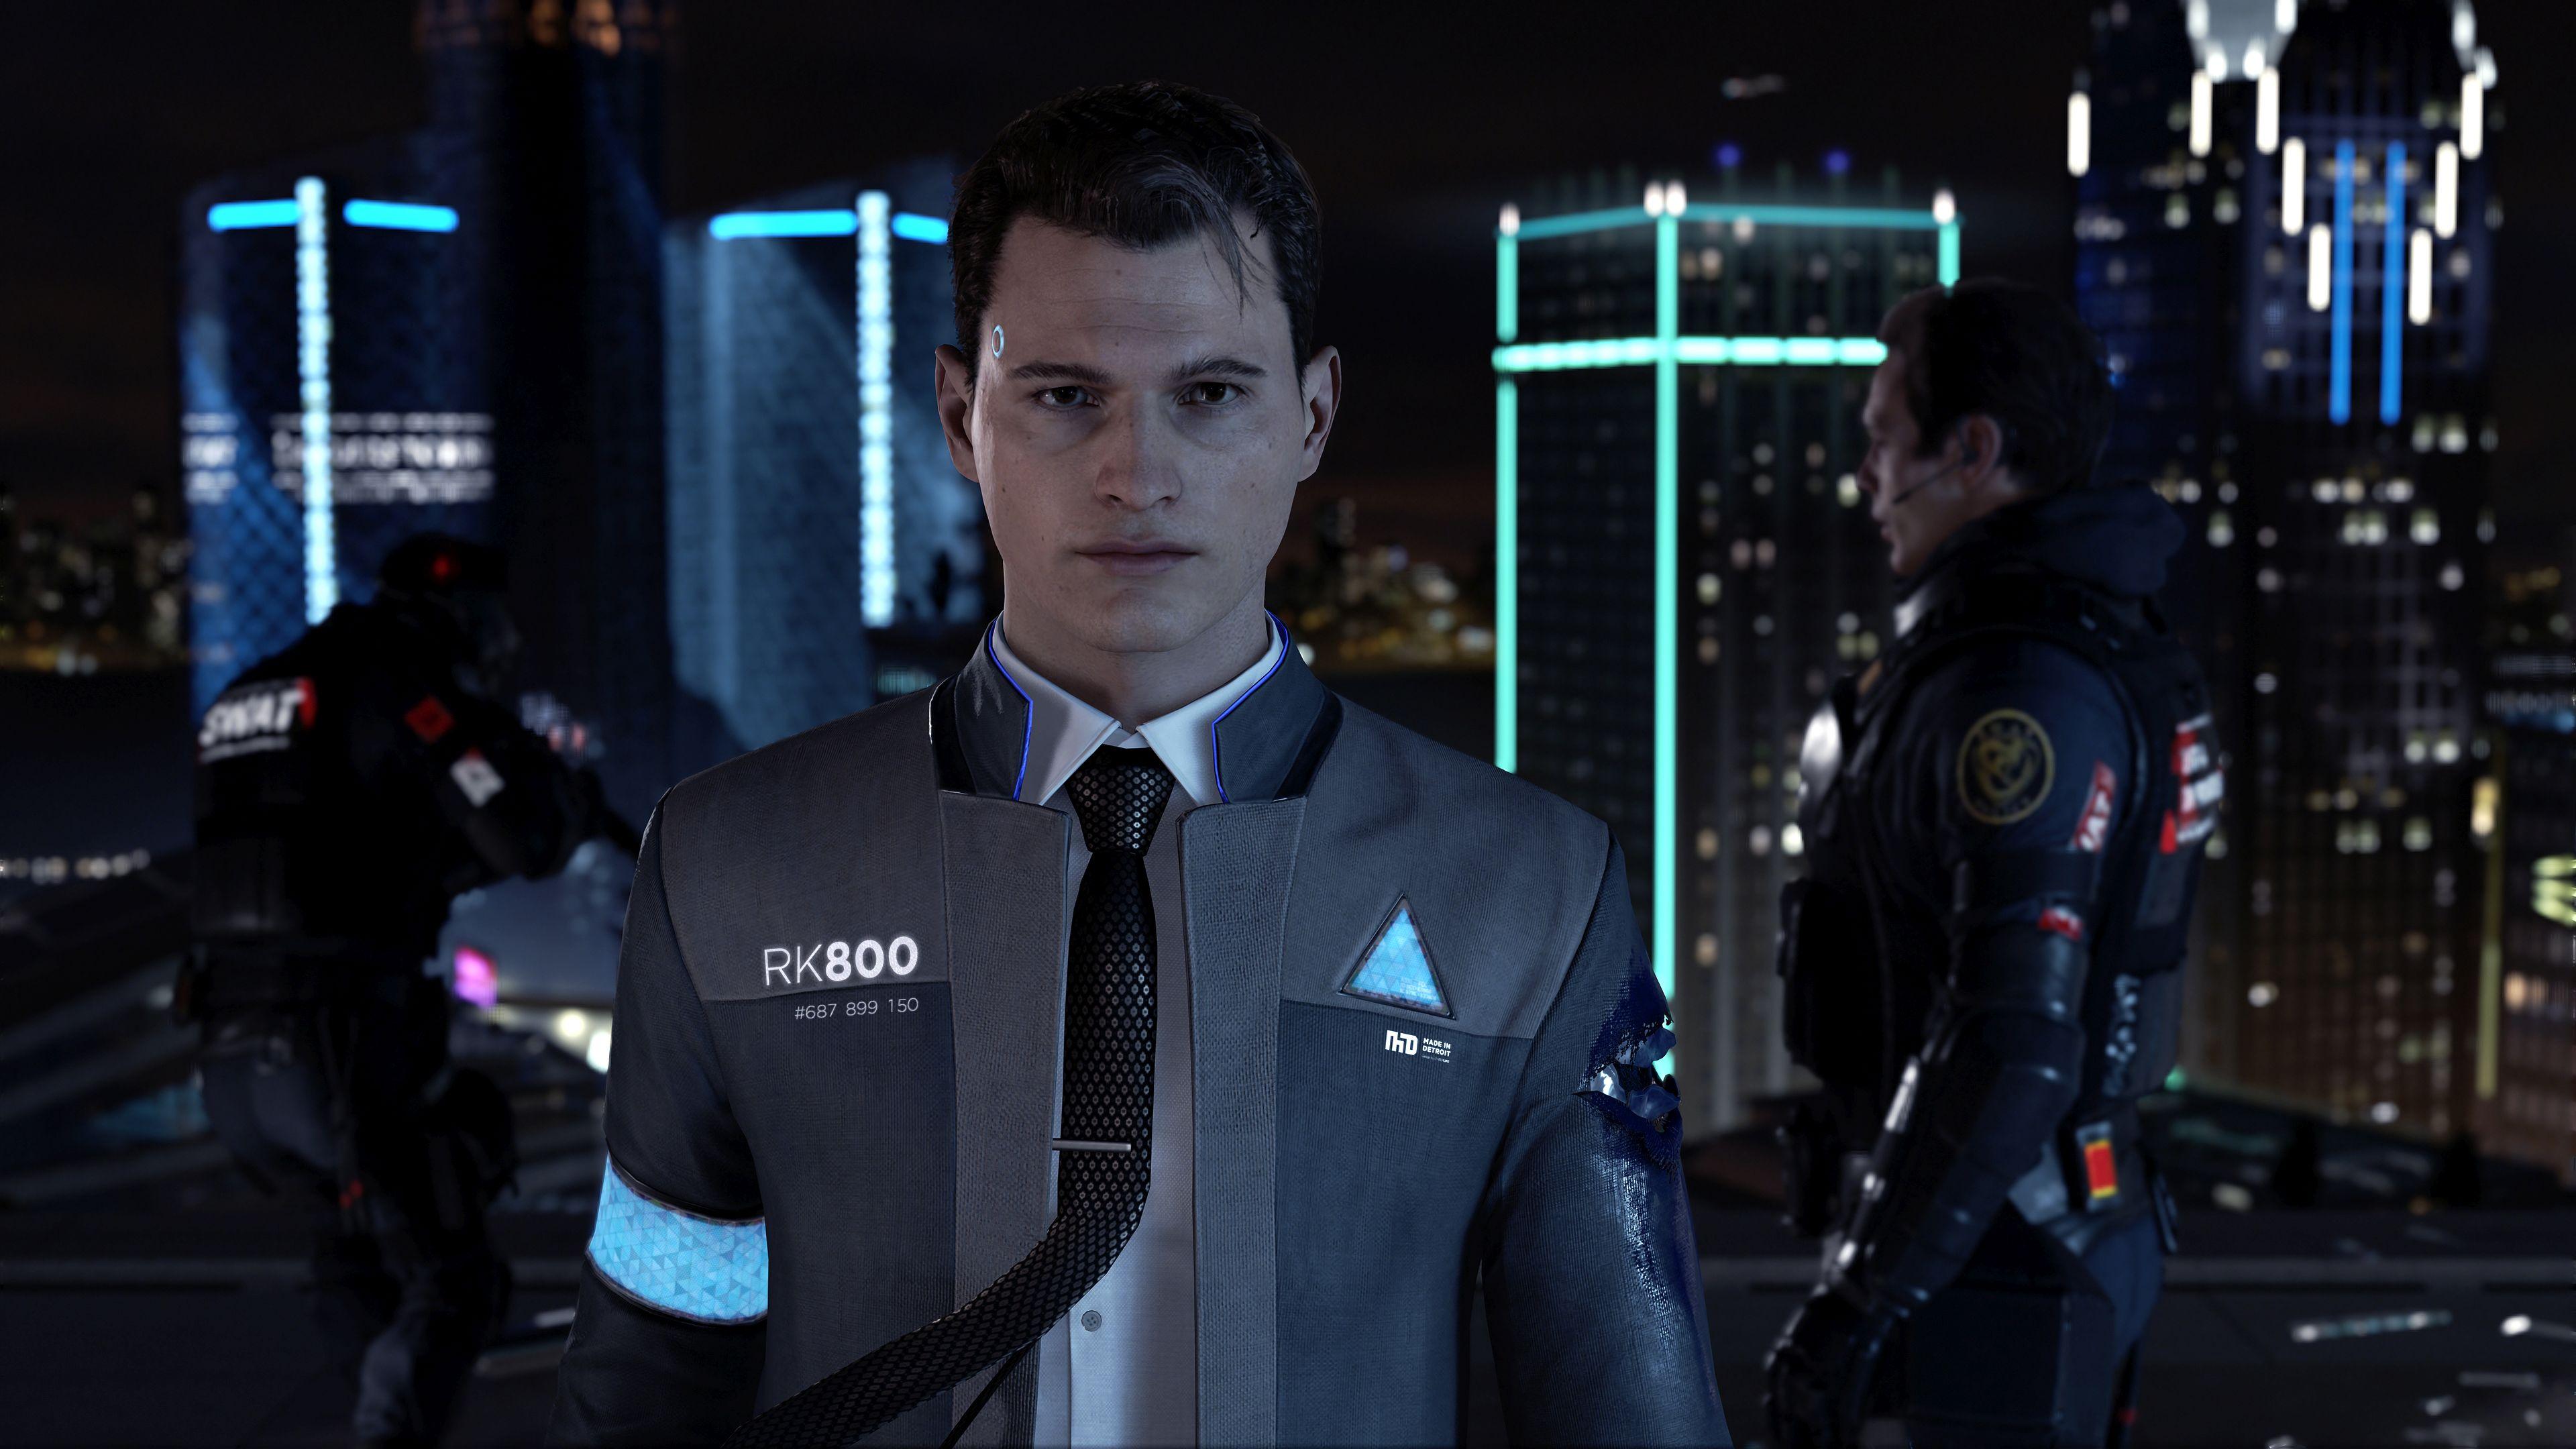 7月PS+会免游戏变更 新增《底特律:变人》数字豪